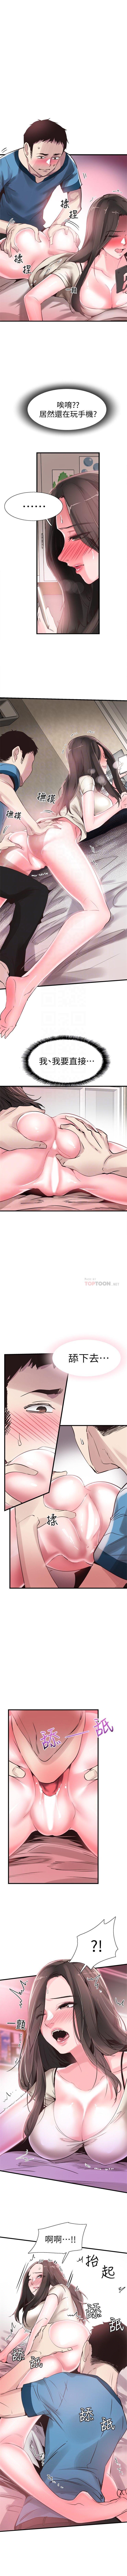 (週7)校園live秀 1-50 中文翻譯(更新中) 189